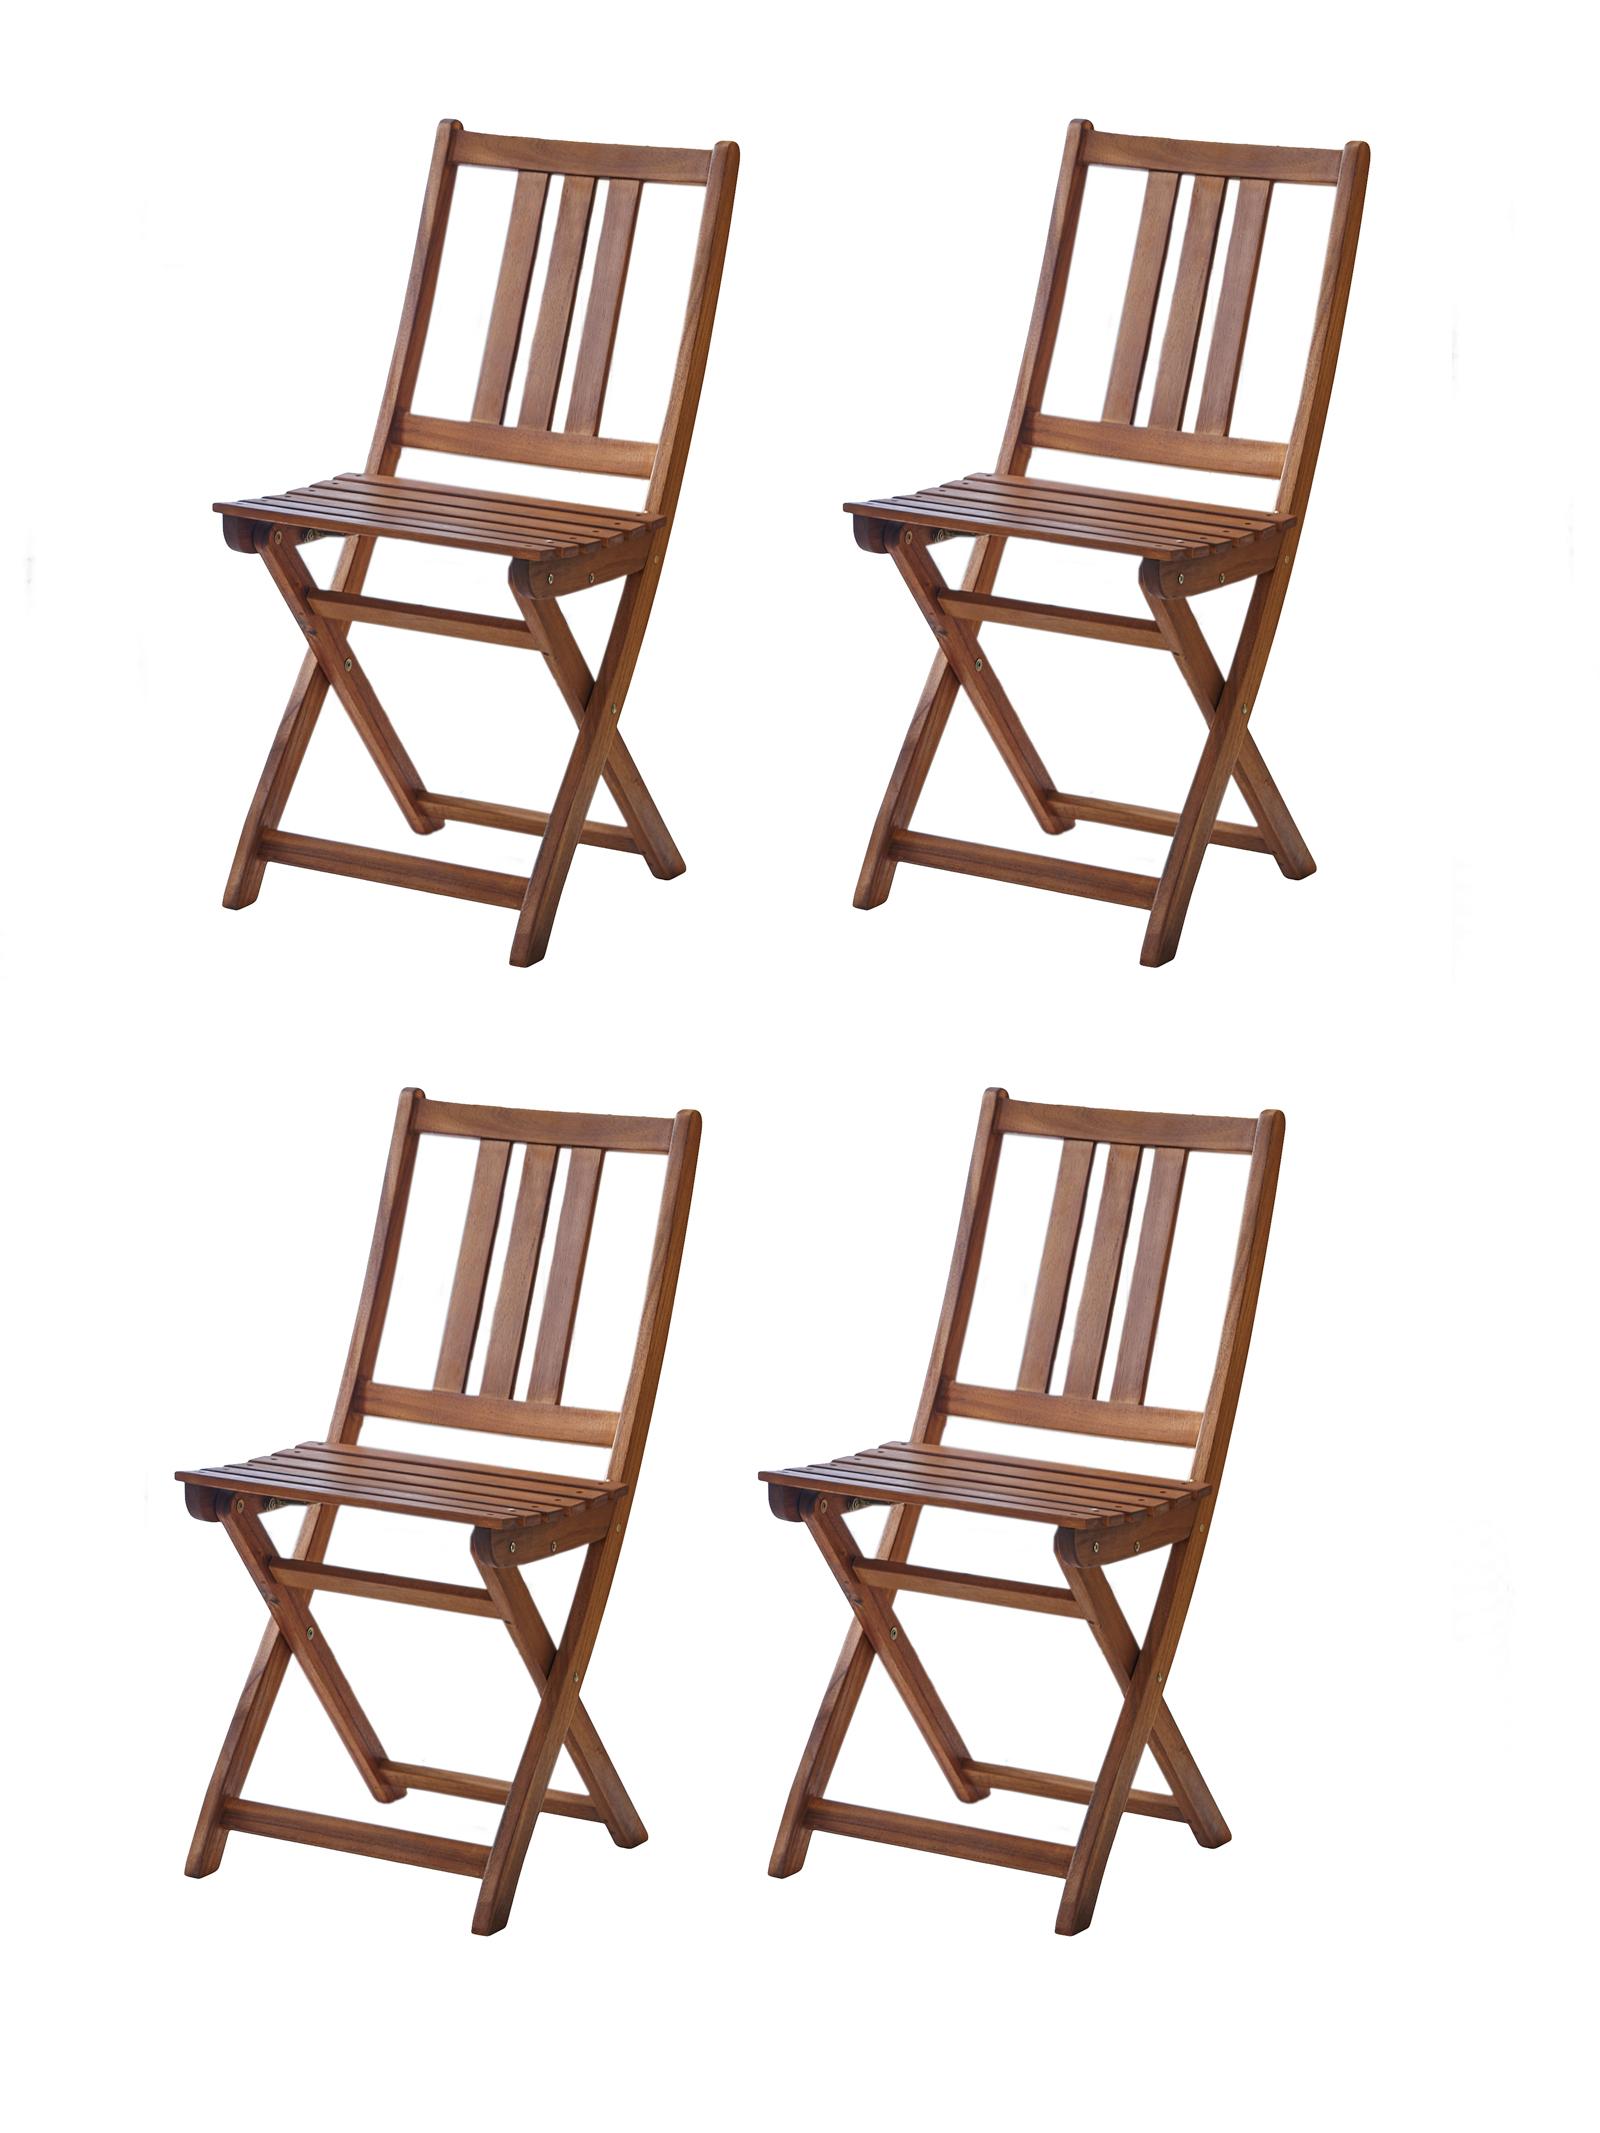 sam balkonst hle gartenst hle 4er set aus akazienholz. Black Bedroom Furniture Sets. Home Design Ideas